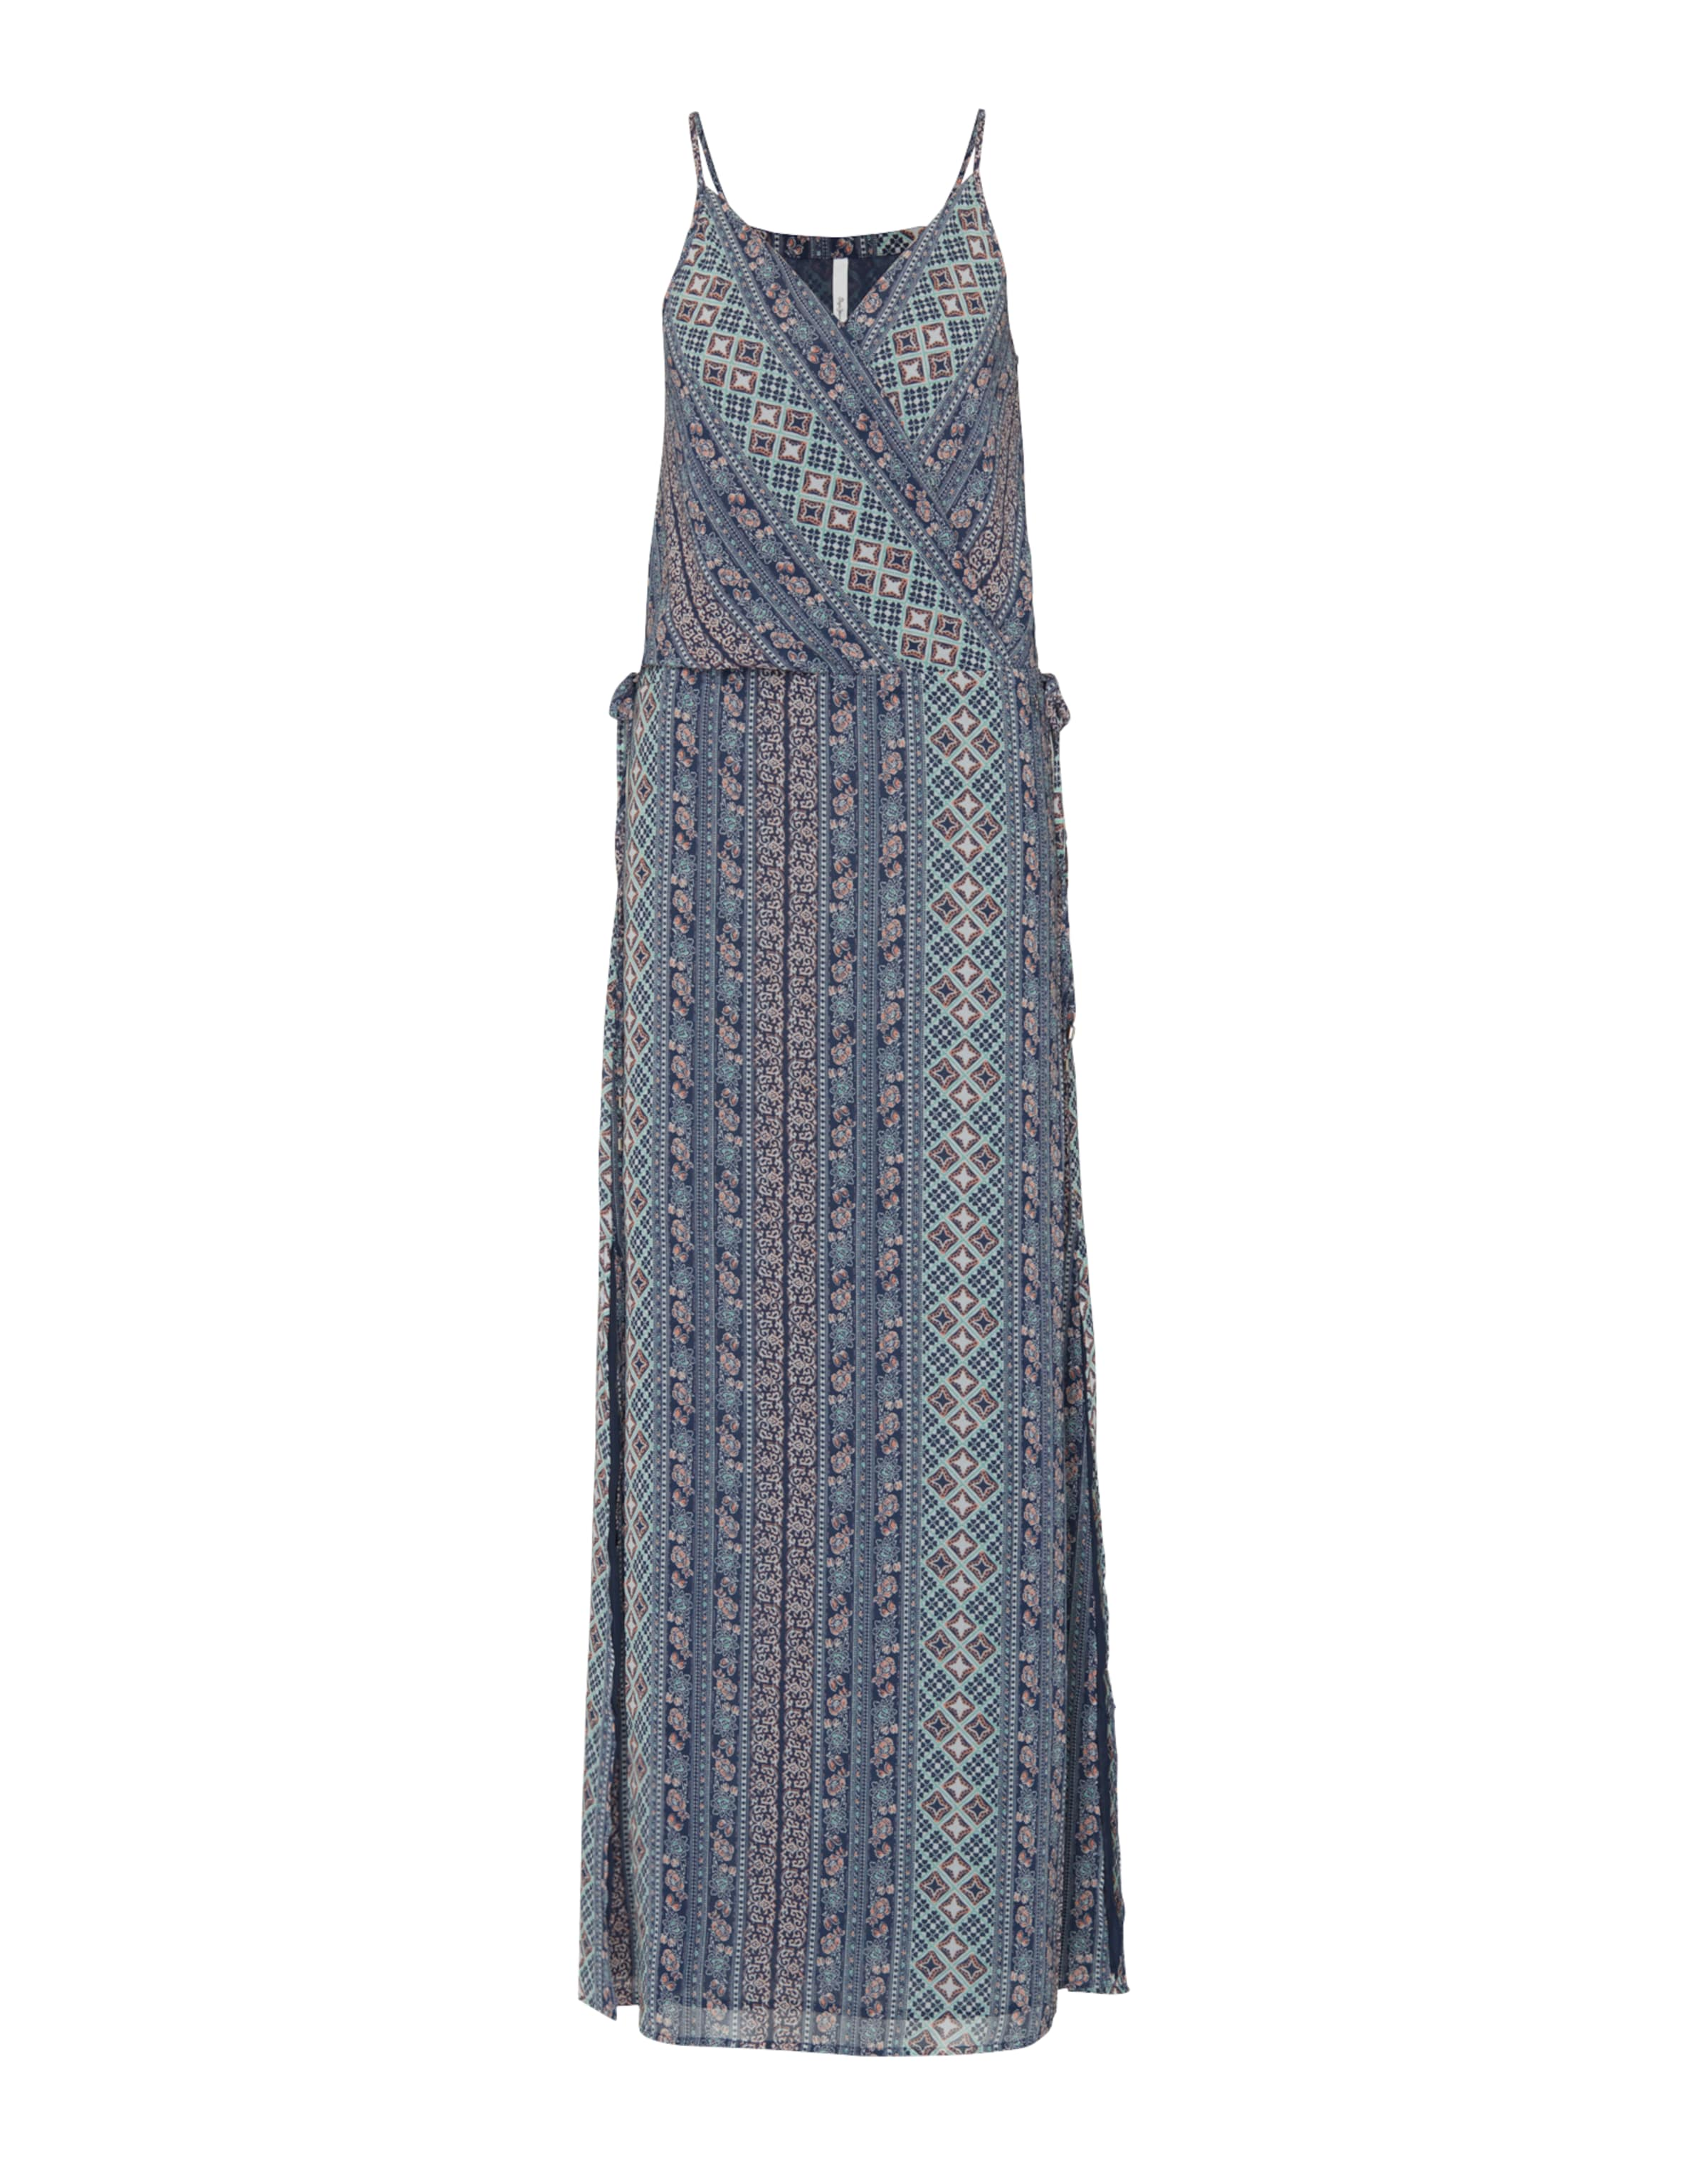 Verkauf Zahlung Mit Visa Rabatt Wählen Eine Beste Pepe Jeans Sommerkleid 'Azalea' Günstig Kaufen Besten Laden Zu Bekommen Kauf evzibe9g